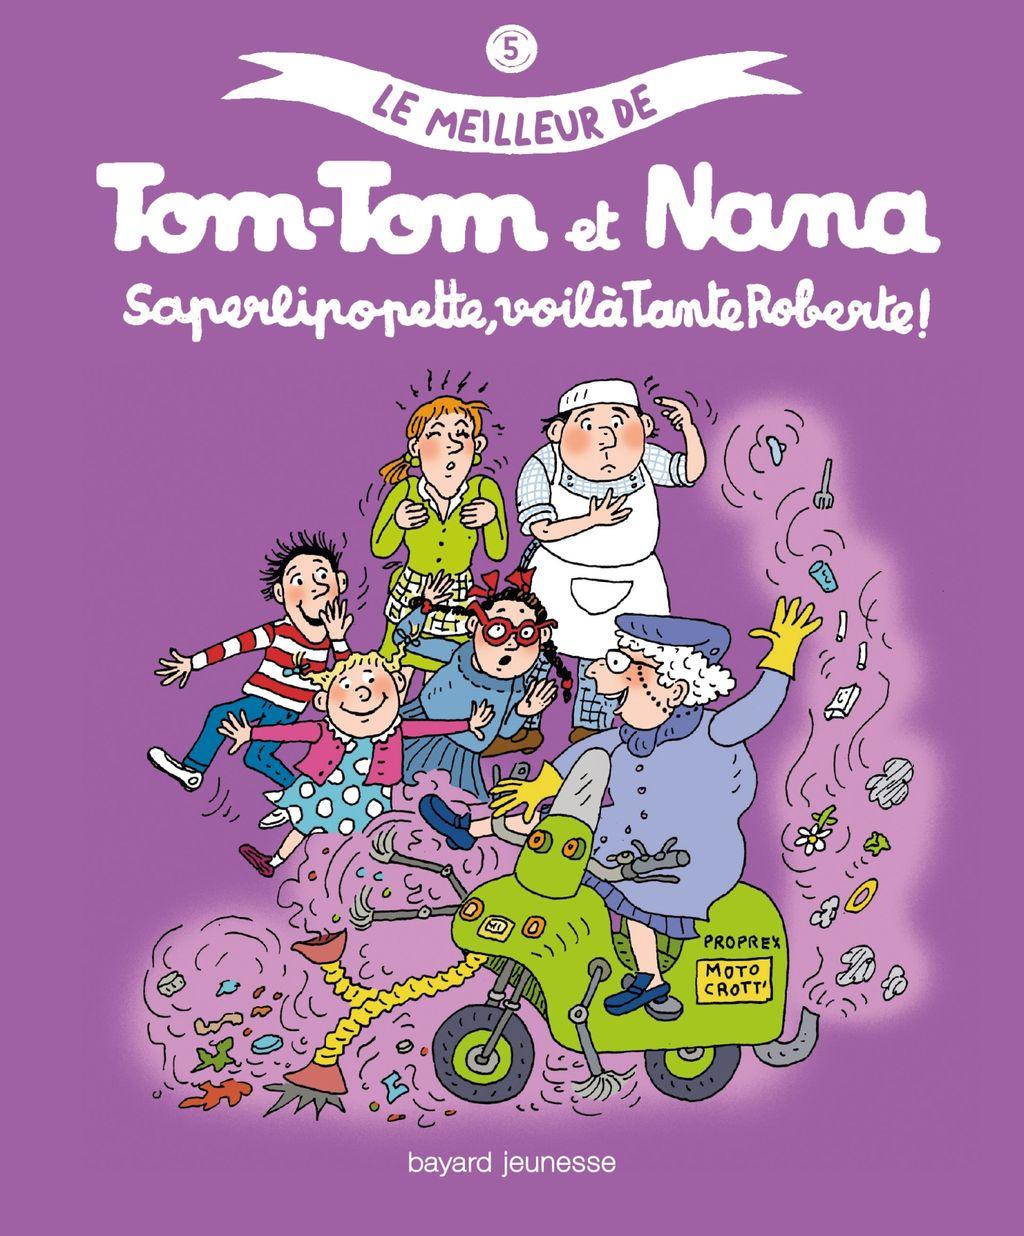 Couverture de «Saperlipopette, voilà Tante Roberte ! – Le meilleur de Tom-Tom et Nana»